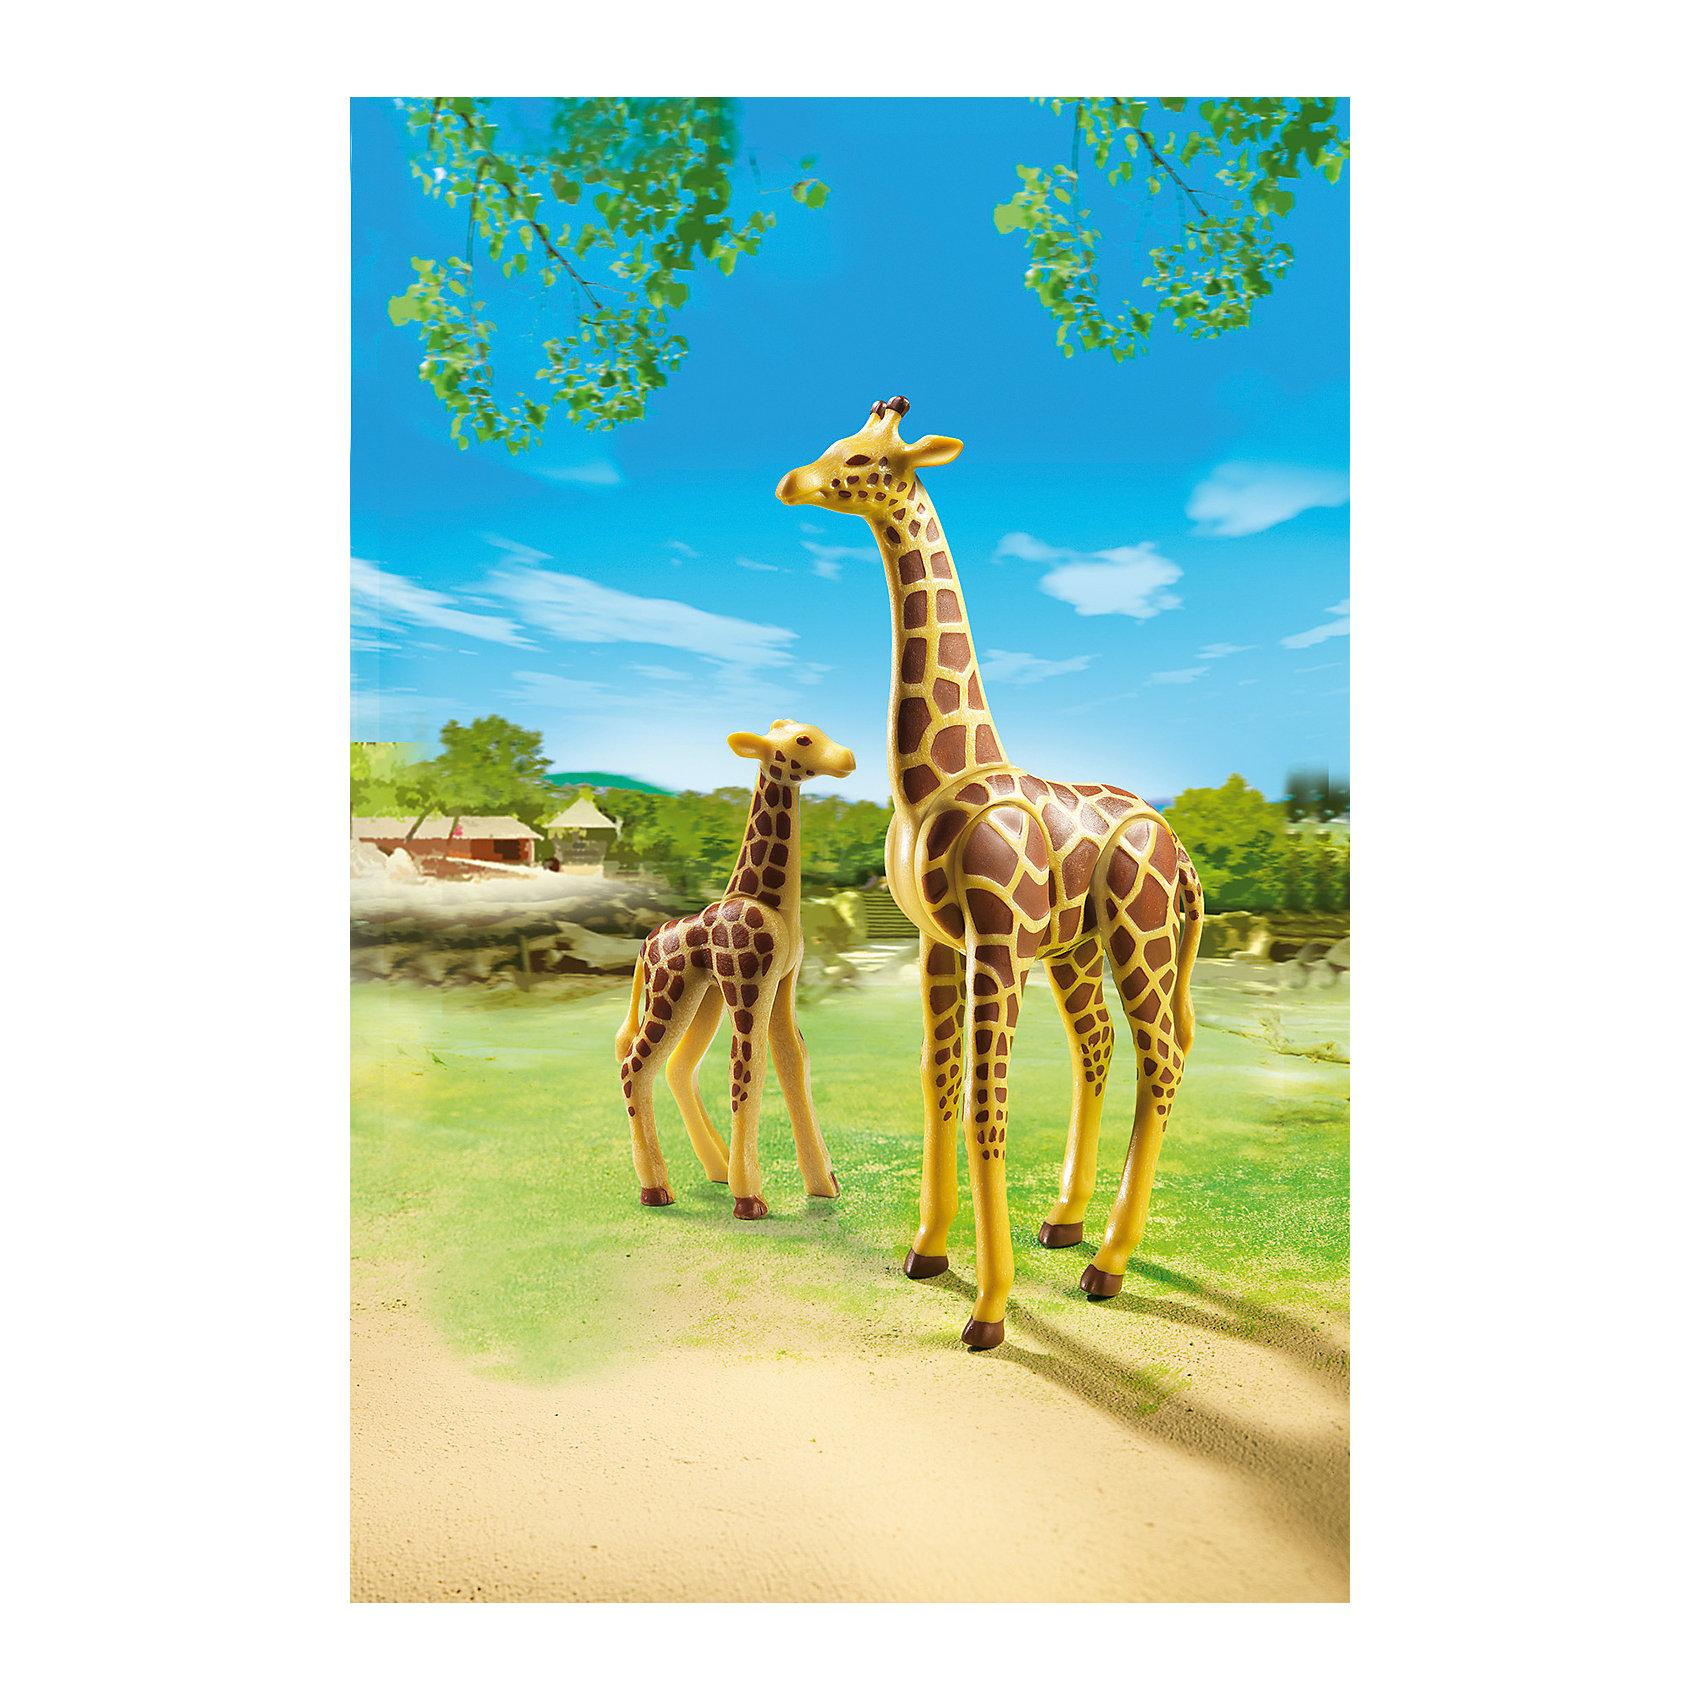 Зоопарк: Жираф со своим детенышем жирафом, PLAYMOBILПластмассовые конструкторы<br><br><br>Ширина мм: 240<br>Глубина мм: 165<br>Высота мм: 50<br>Вес г: 68<br>Возраст от месяцев: 48<br>Возраст до месяцев: 120<br>Пол: Унисекс<br>Возраст: Детский<br>SKU: 3786366